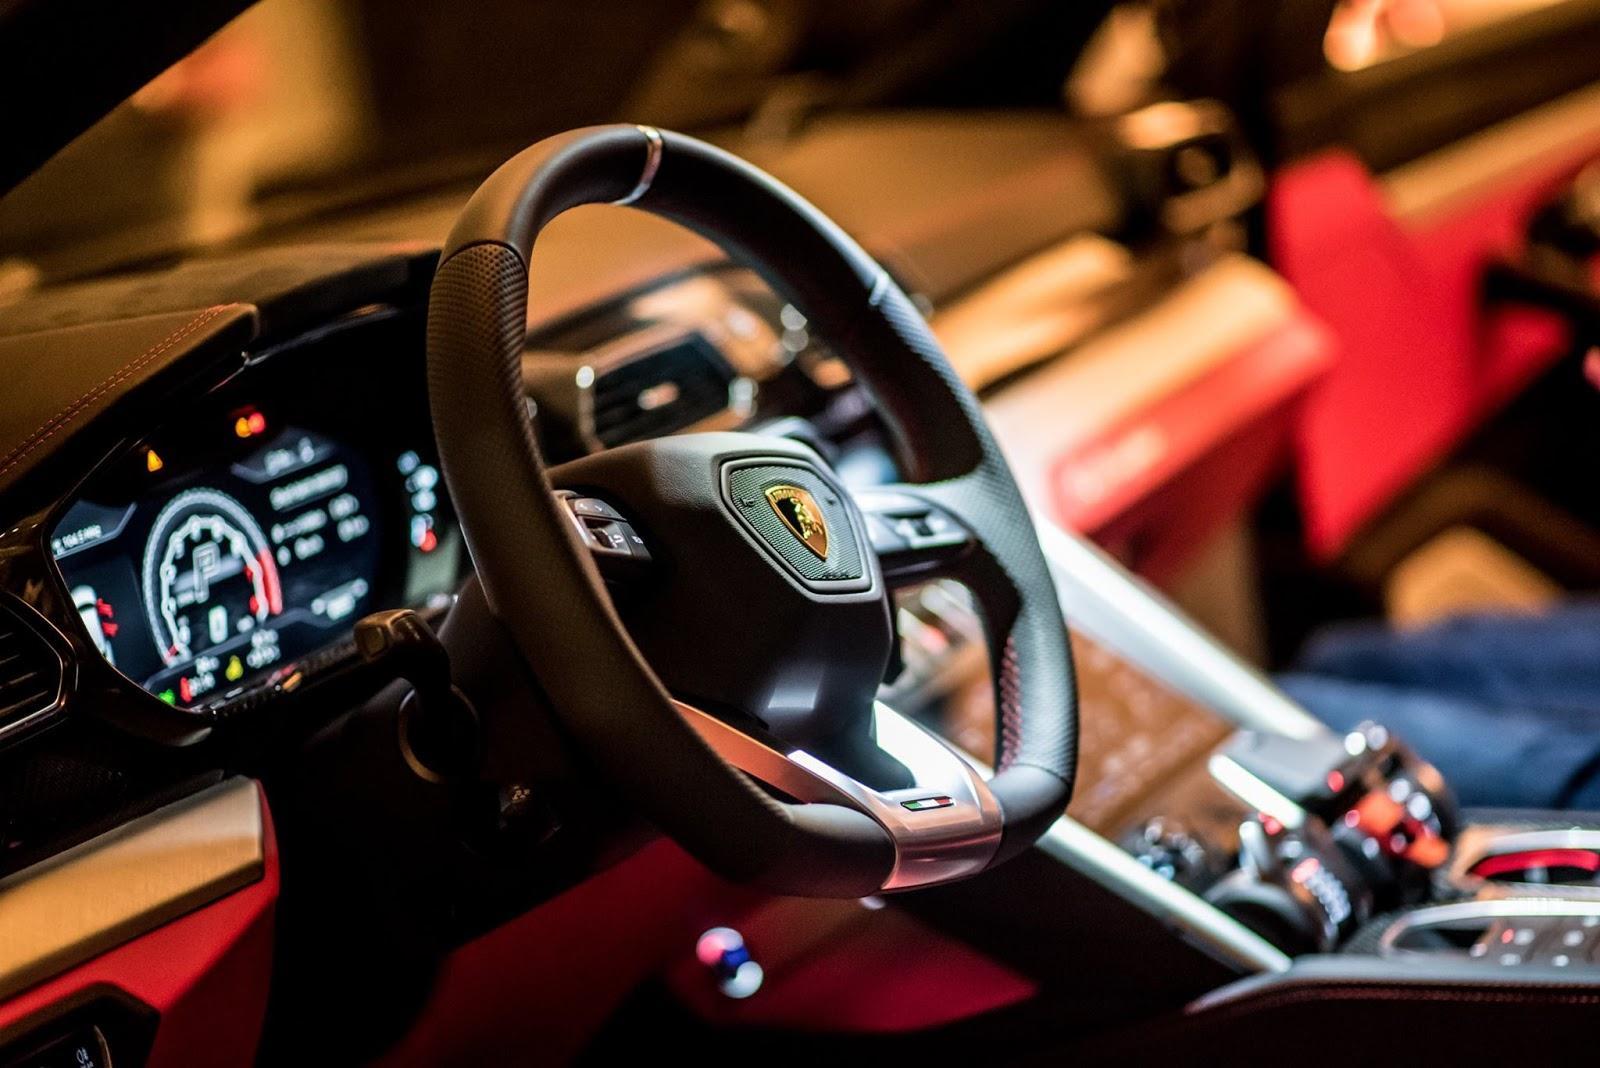 Lamborghini Urus in Singapore - Lamborghini Urus in Singapore